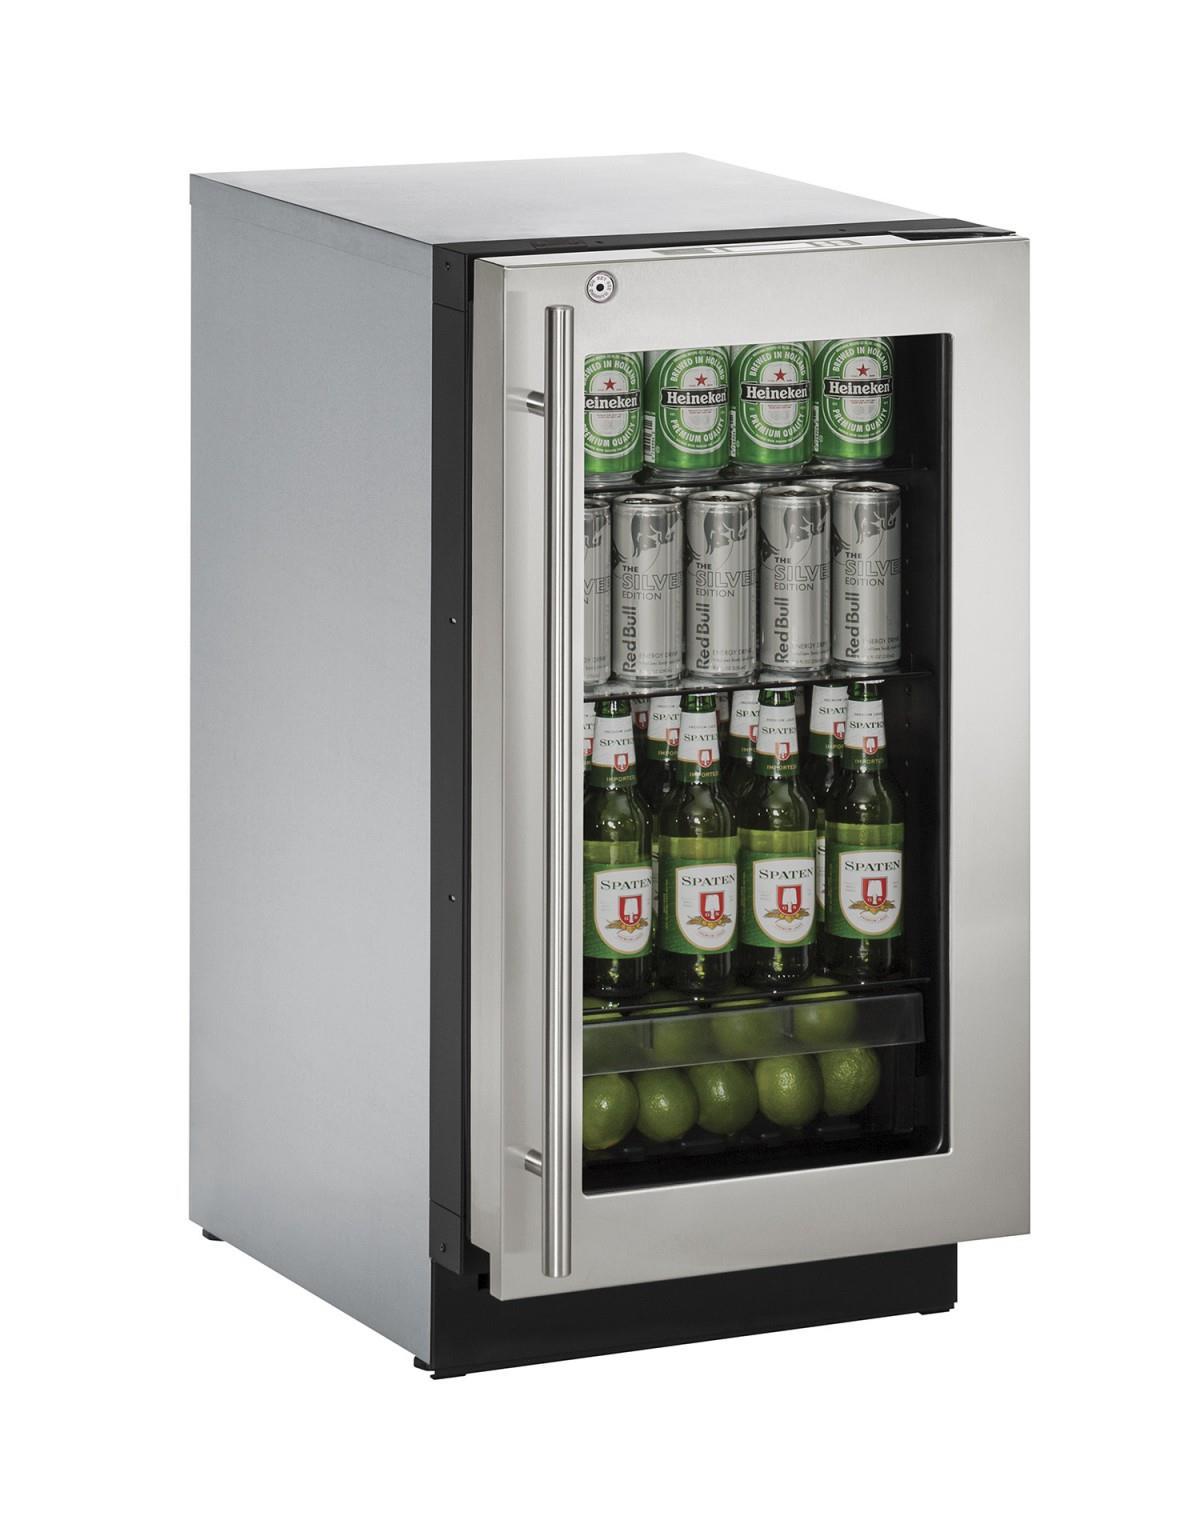 """U-Line Refrigerators 18"""" Glass Door Compact Refrigerator - Item Number: U-3018RGLS-13A"""